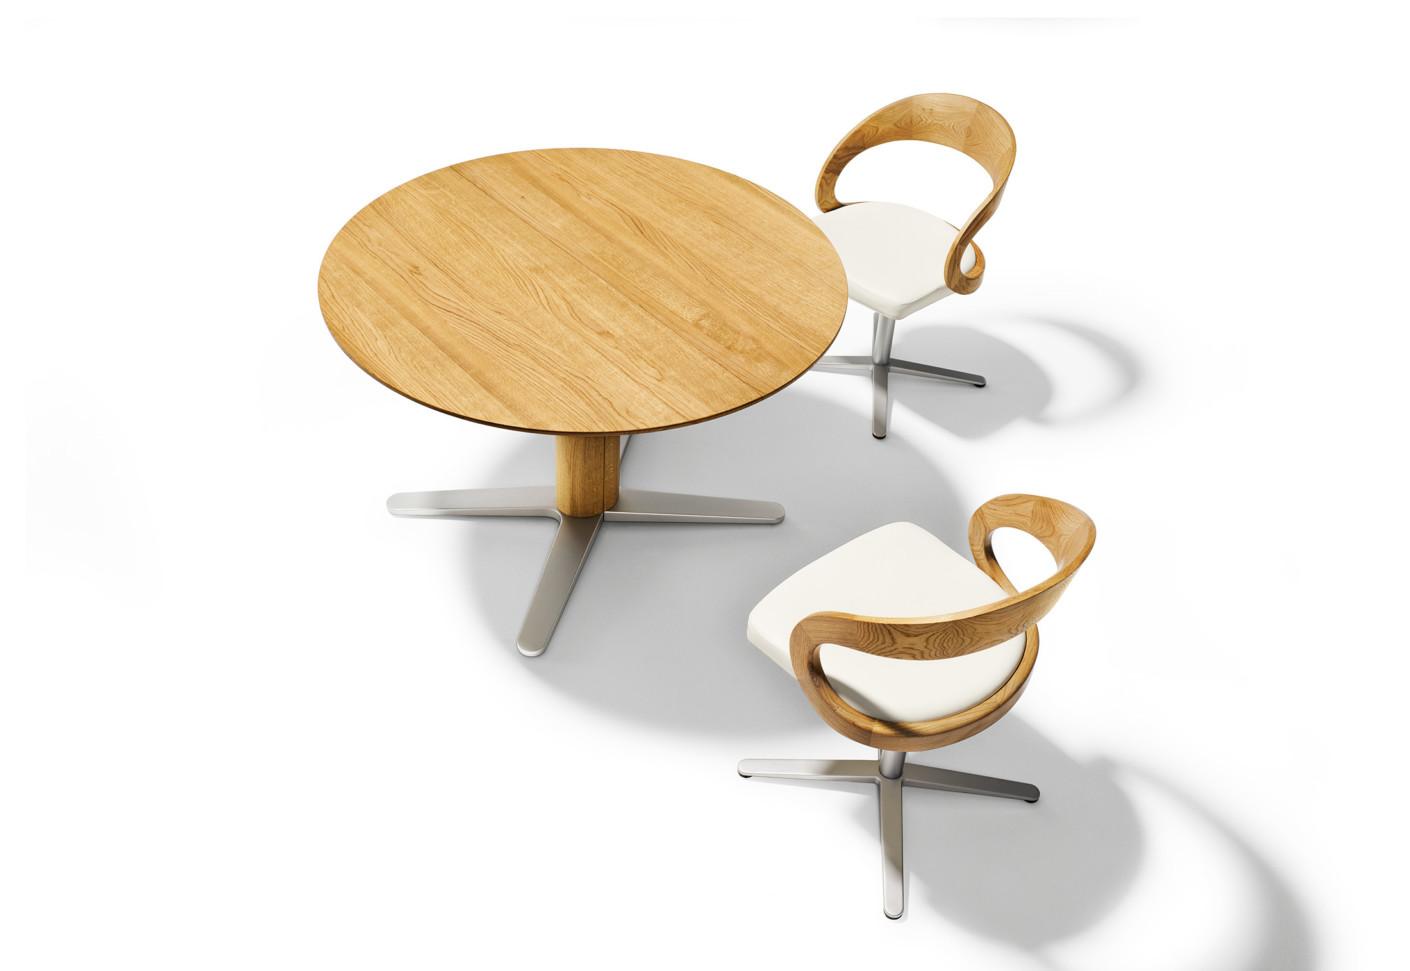 girado tisch von team 7 stylepark. Black Bedroom Furniture Sets. Home Design Ideas